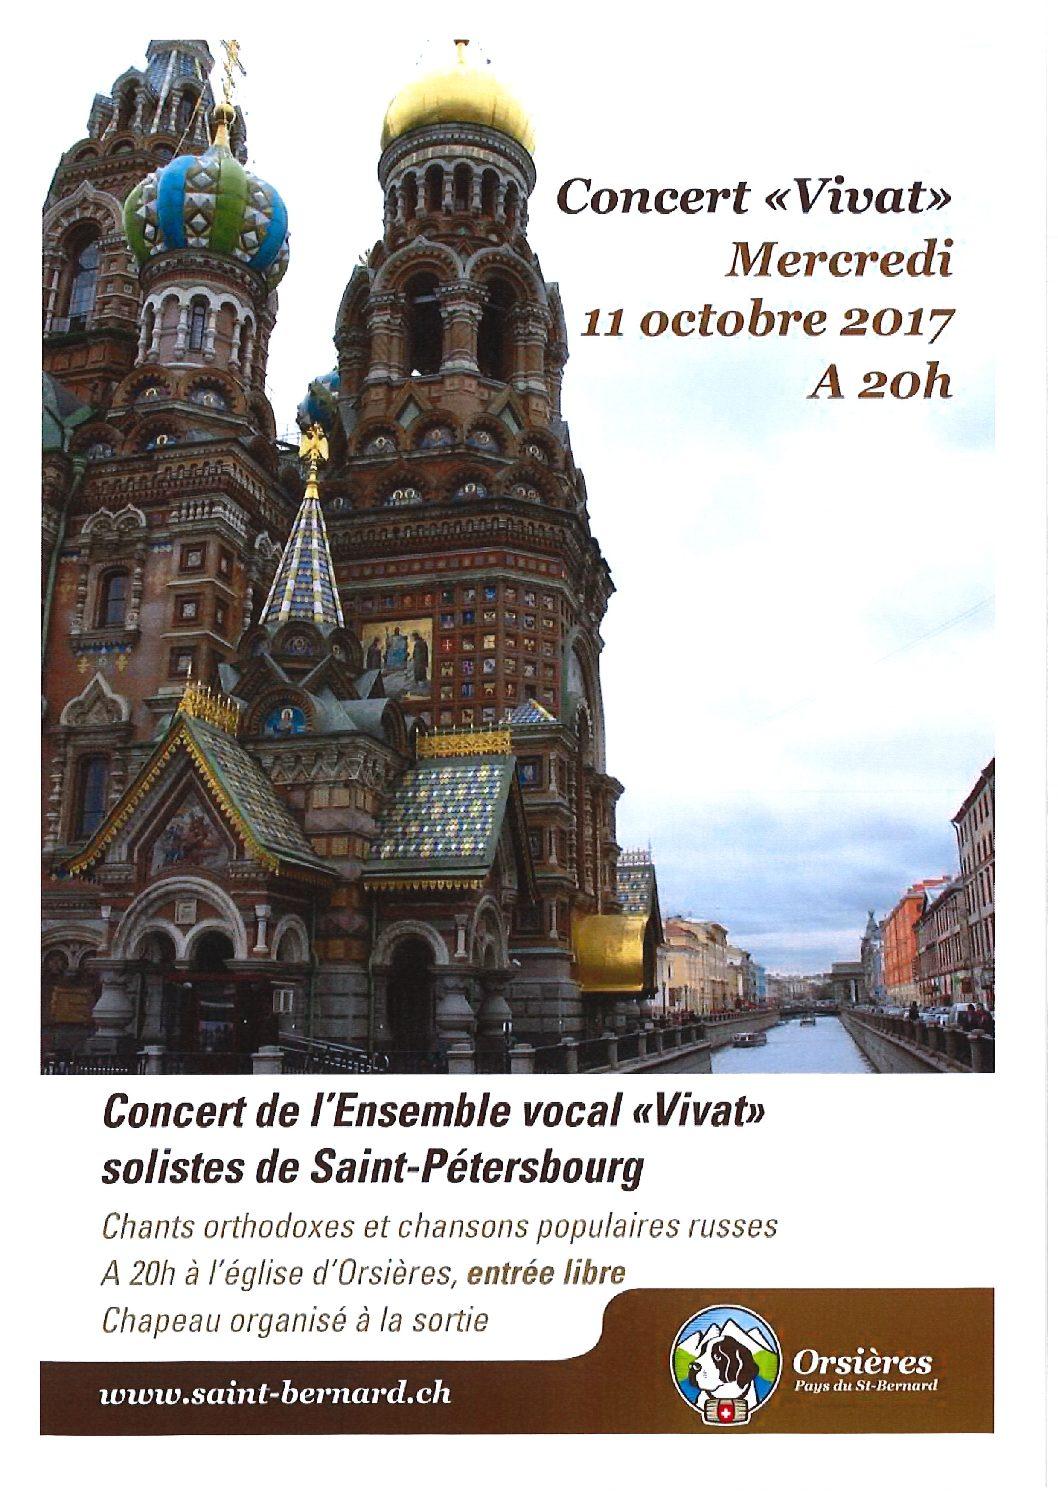 Concert de l'Ensemble vocal «Vivat» – 11 octobre 2017, à 20h à l'église d'Orsières